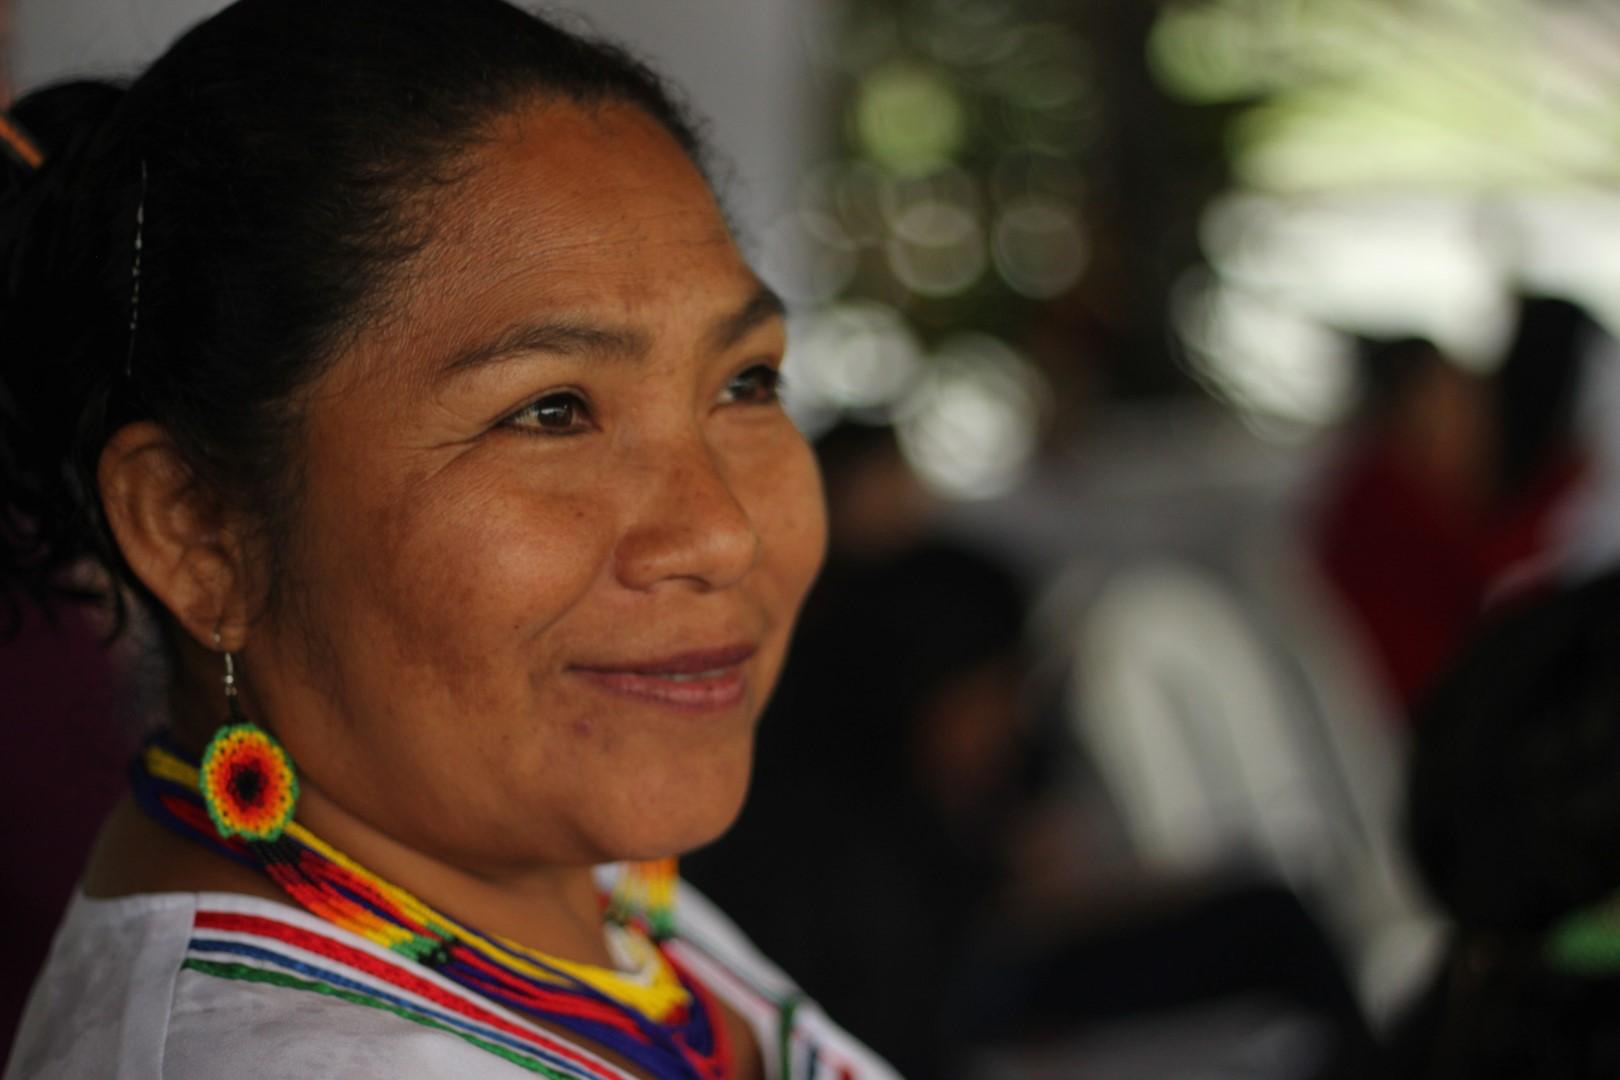 FOTO Reunicón consejo de género, mujeres y familia de COICA (5) (Large).JPG